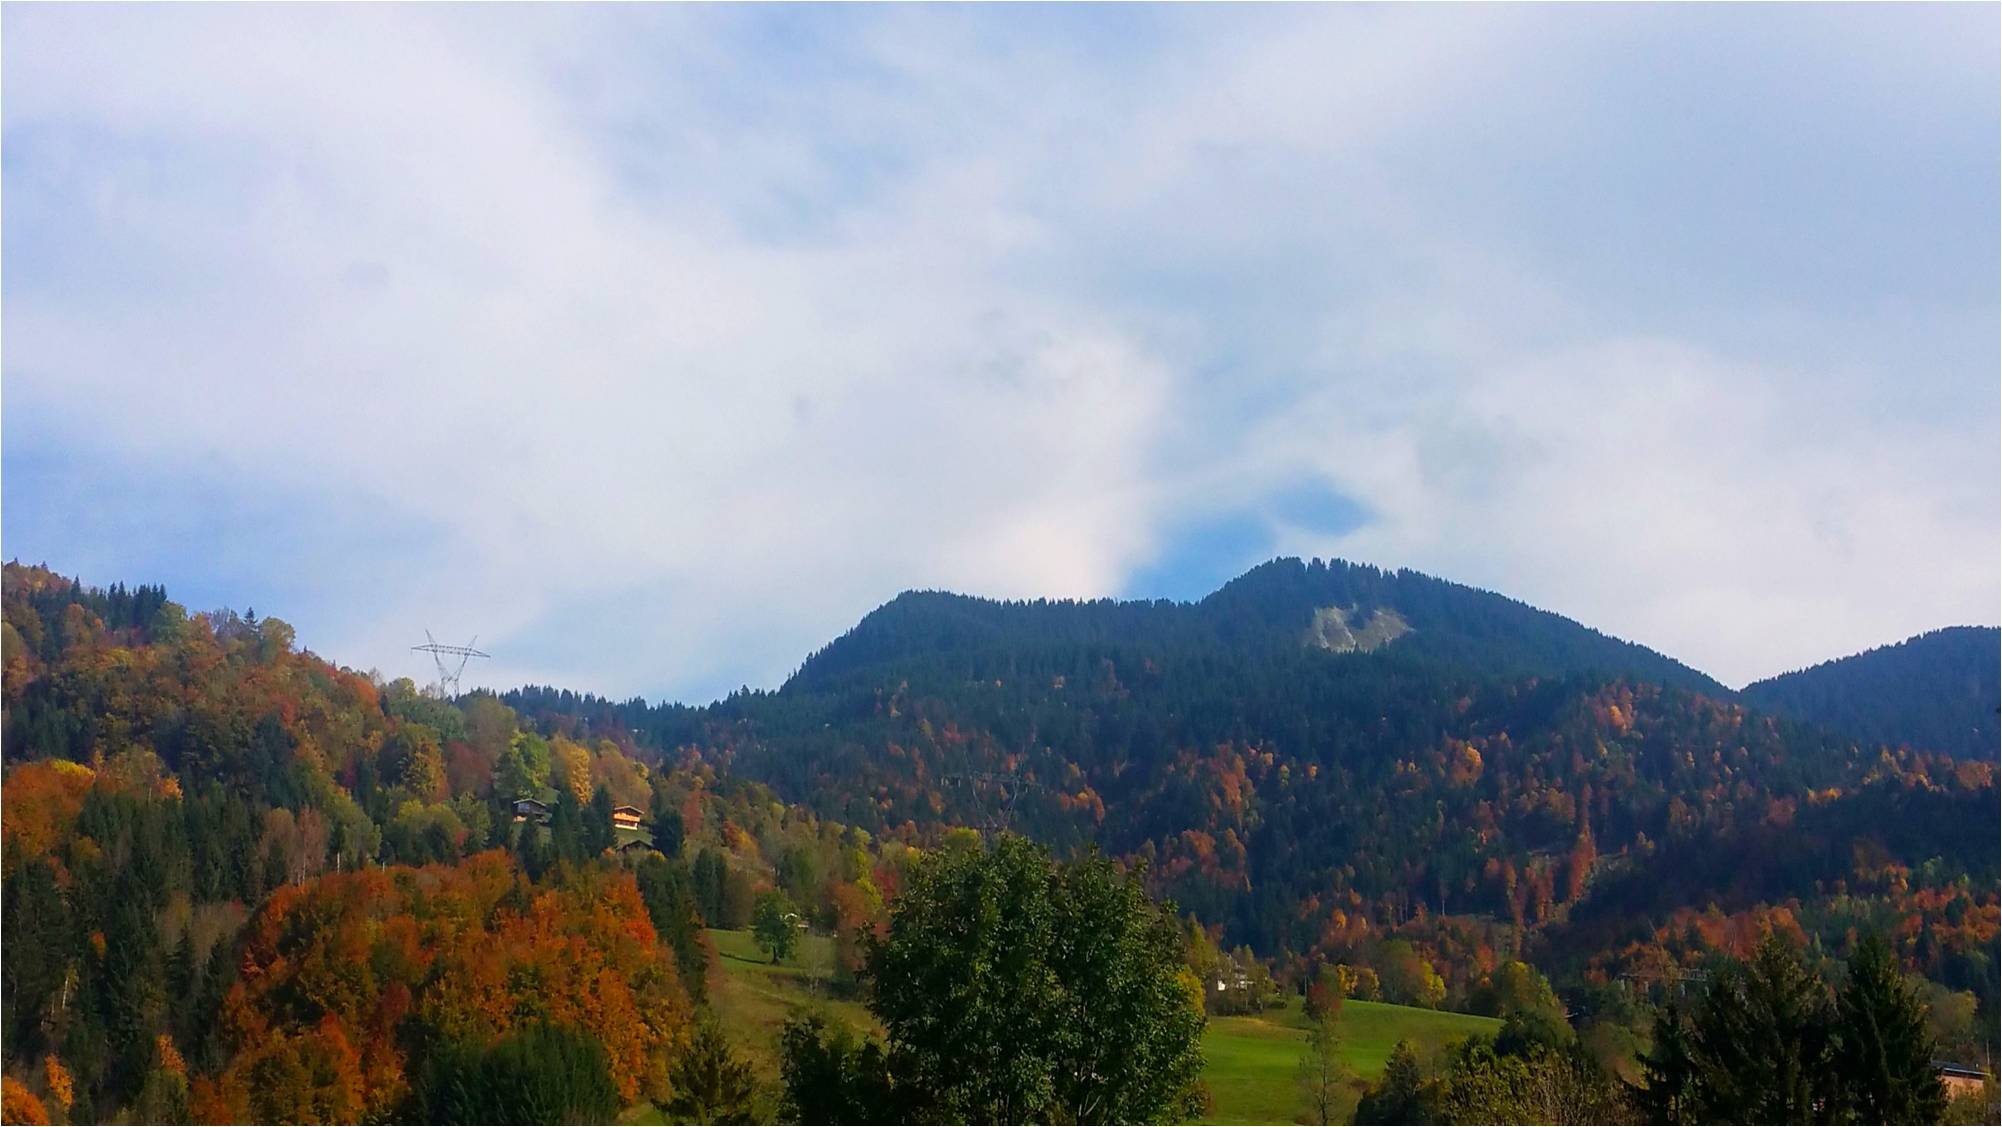 Week-end à Megevettes, au coeur des Alpes